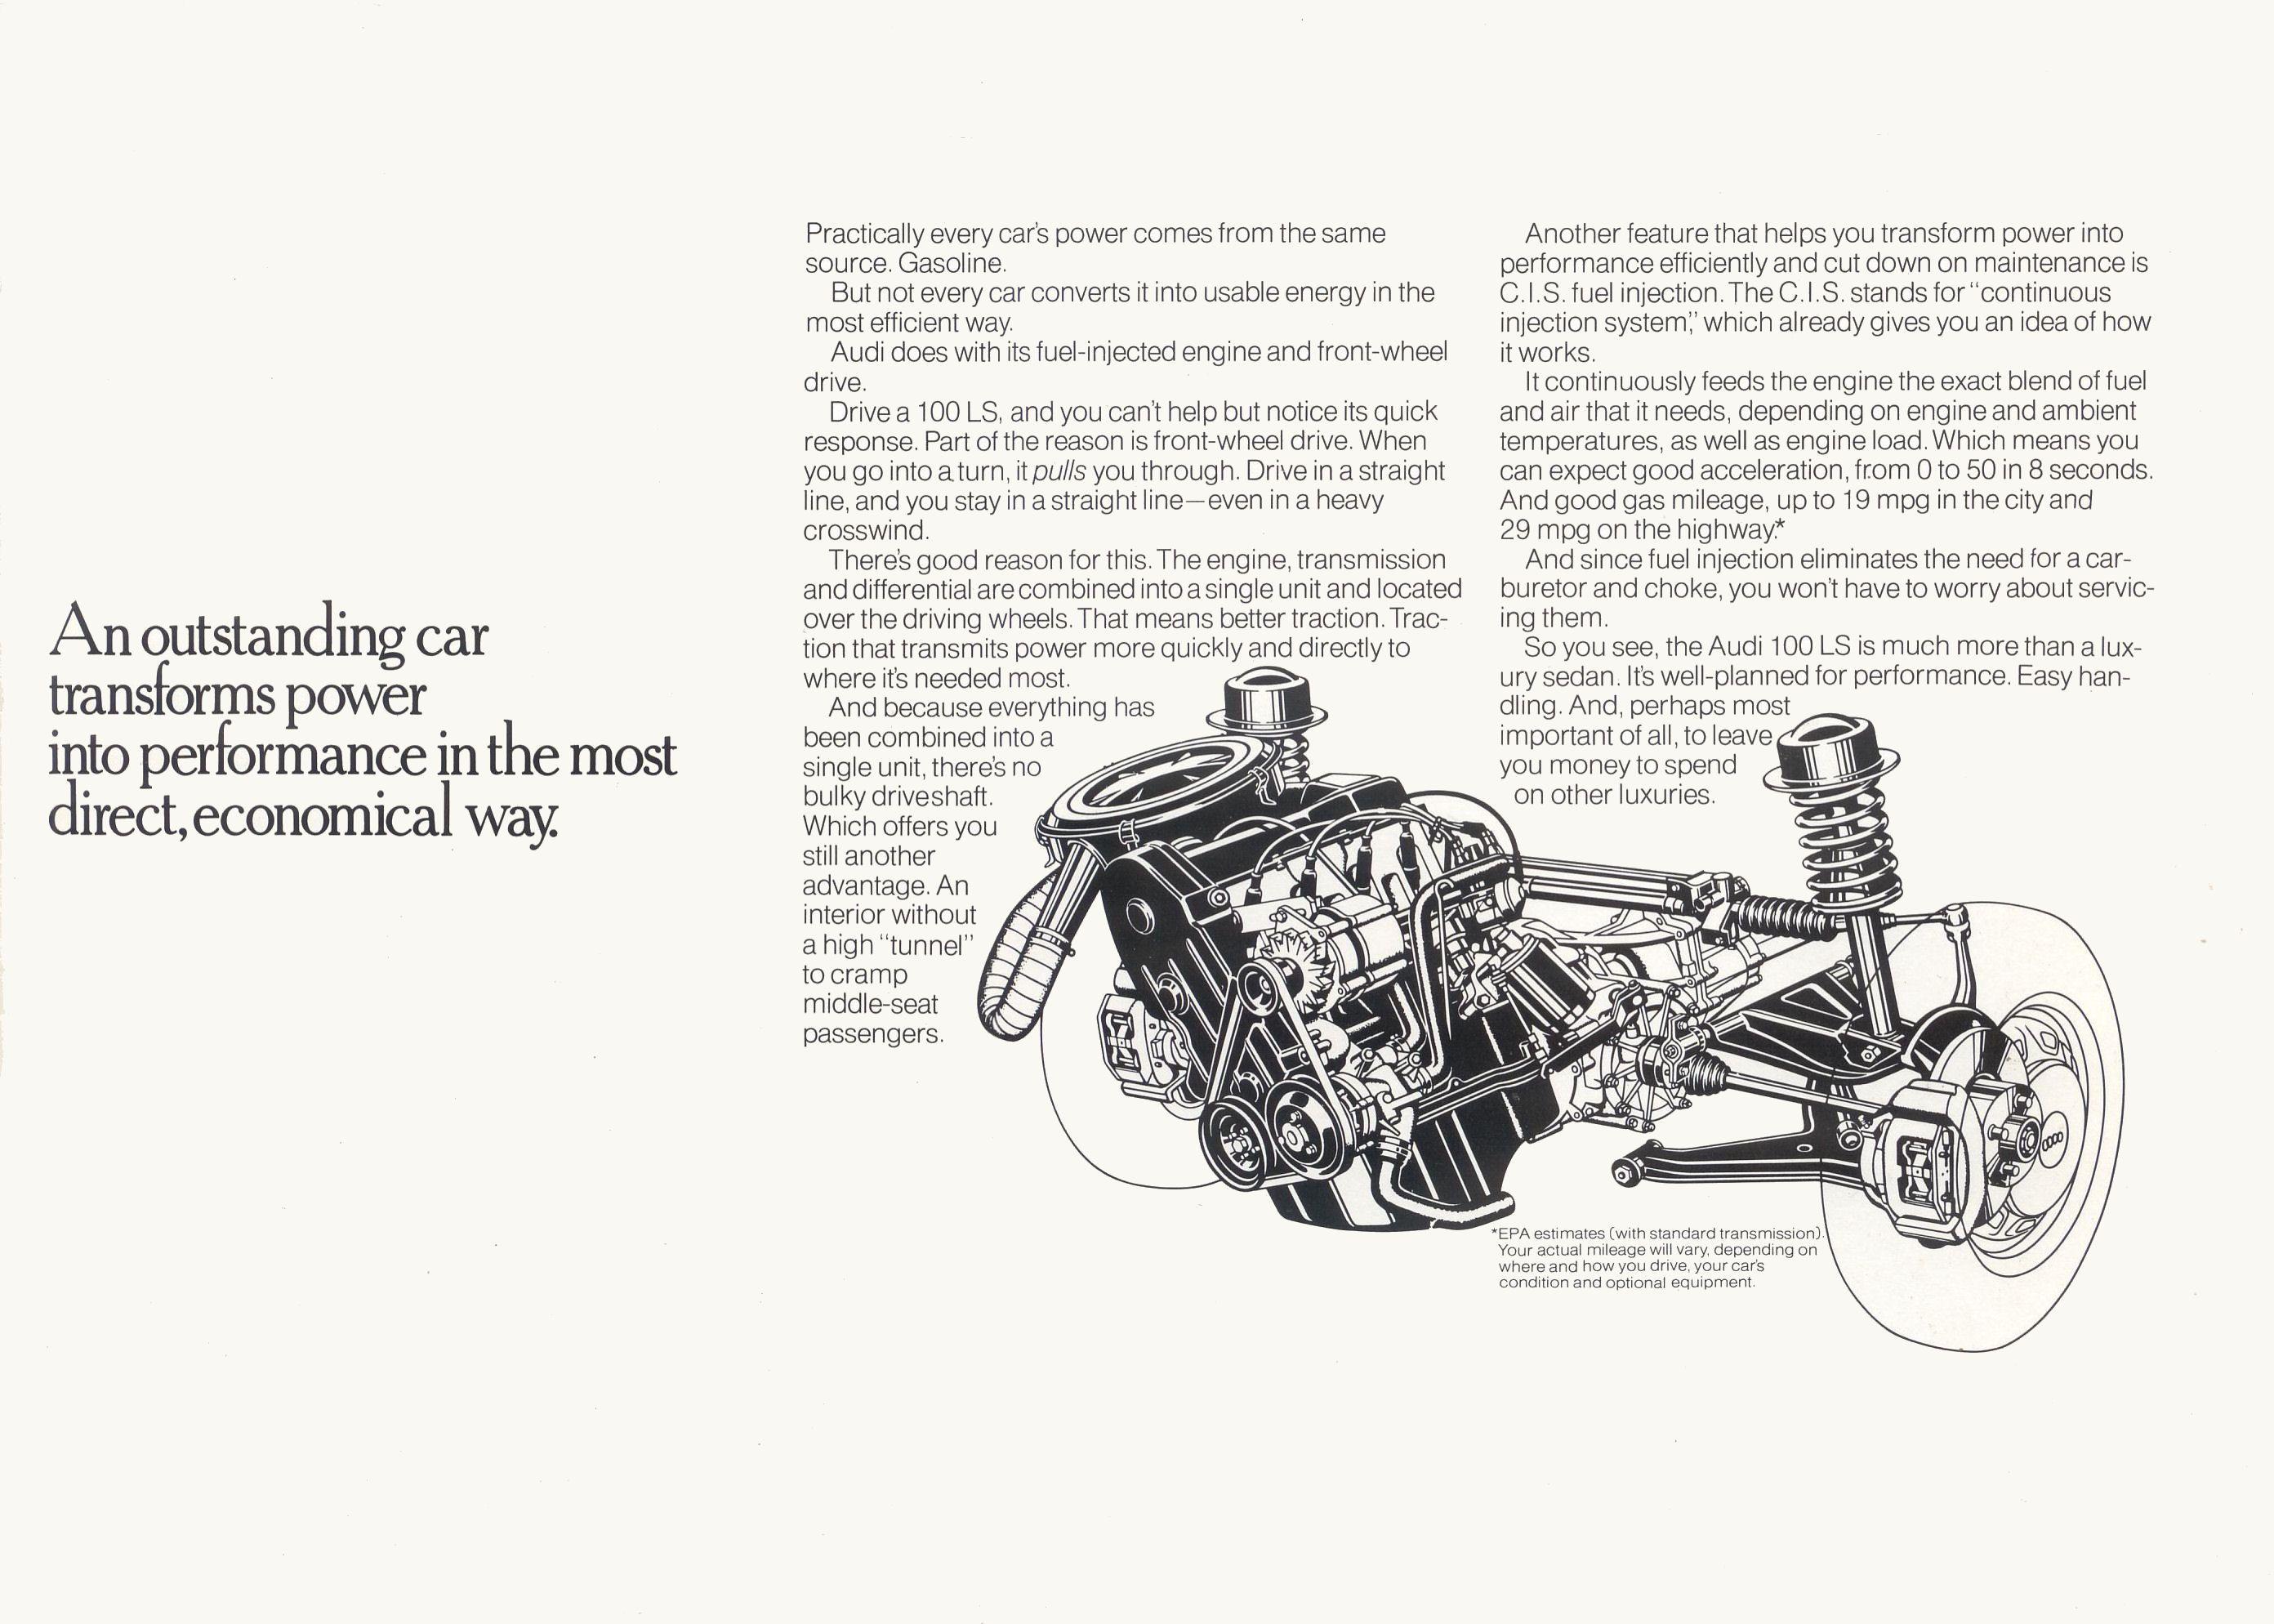 1976 Audi 100 LS brochure